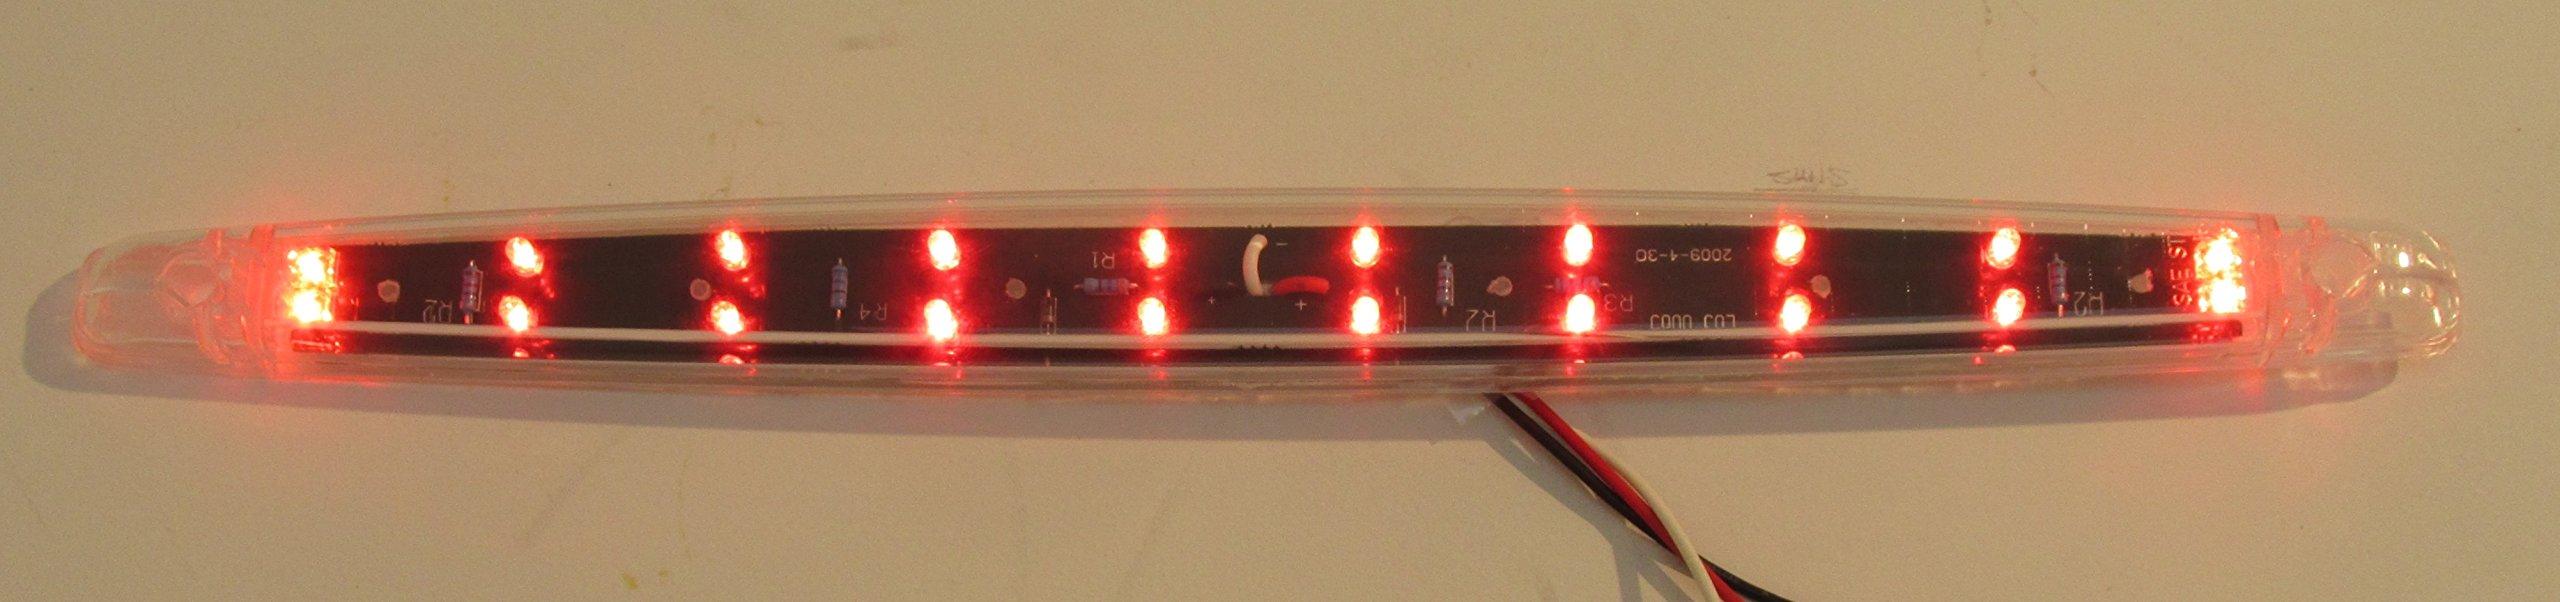 Kaper II L03-0065RI Red LED Stop/Turn/Tail Light by Kaper II